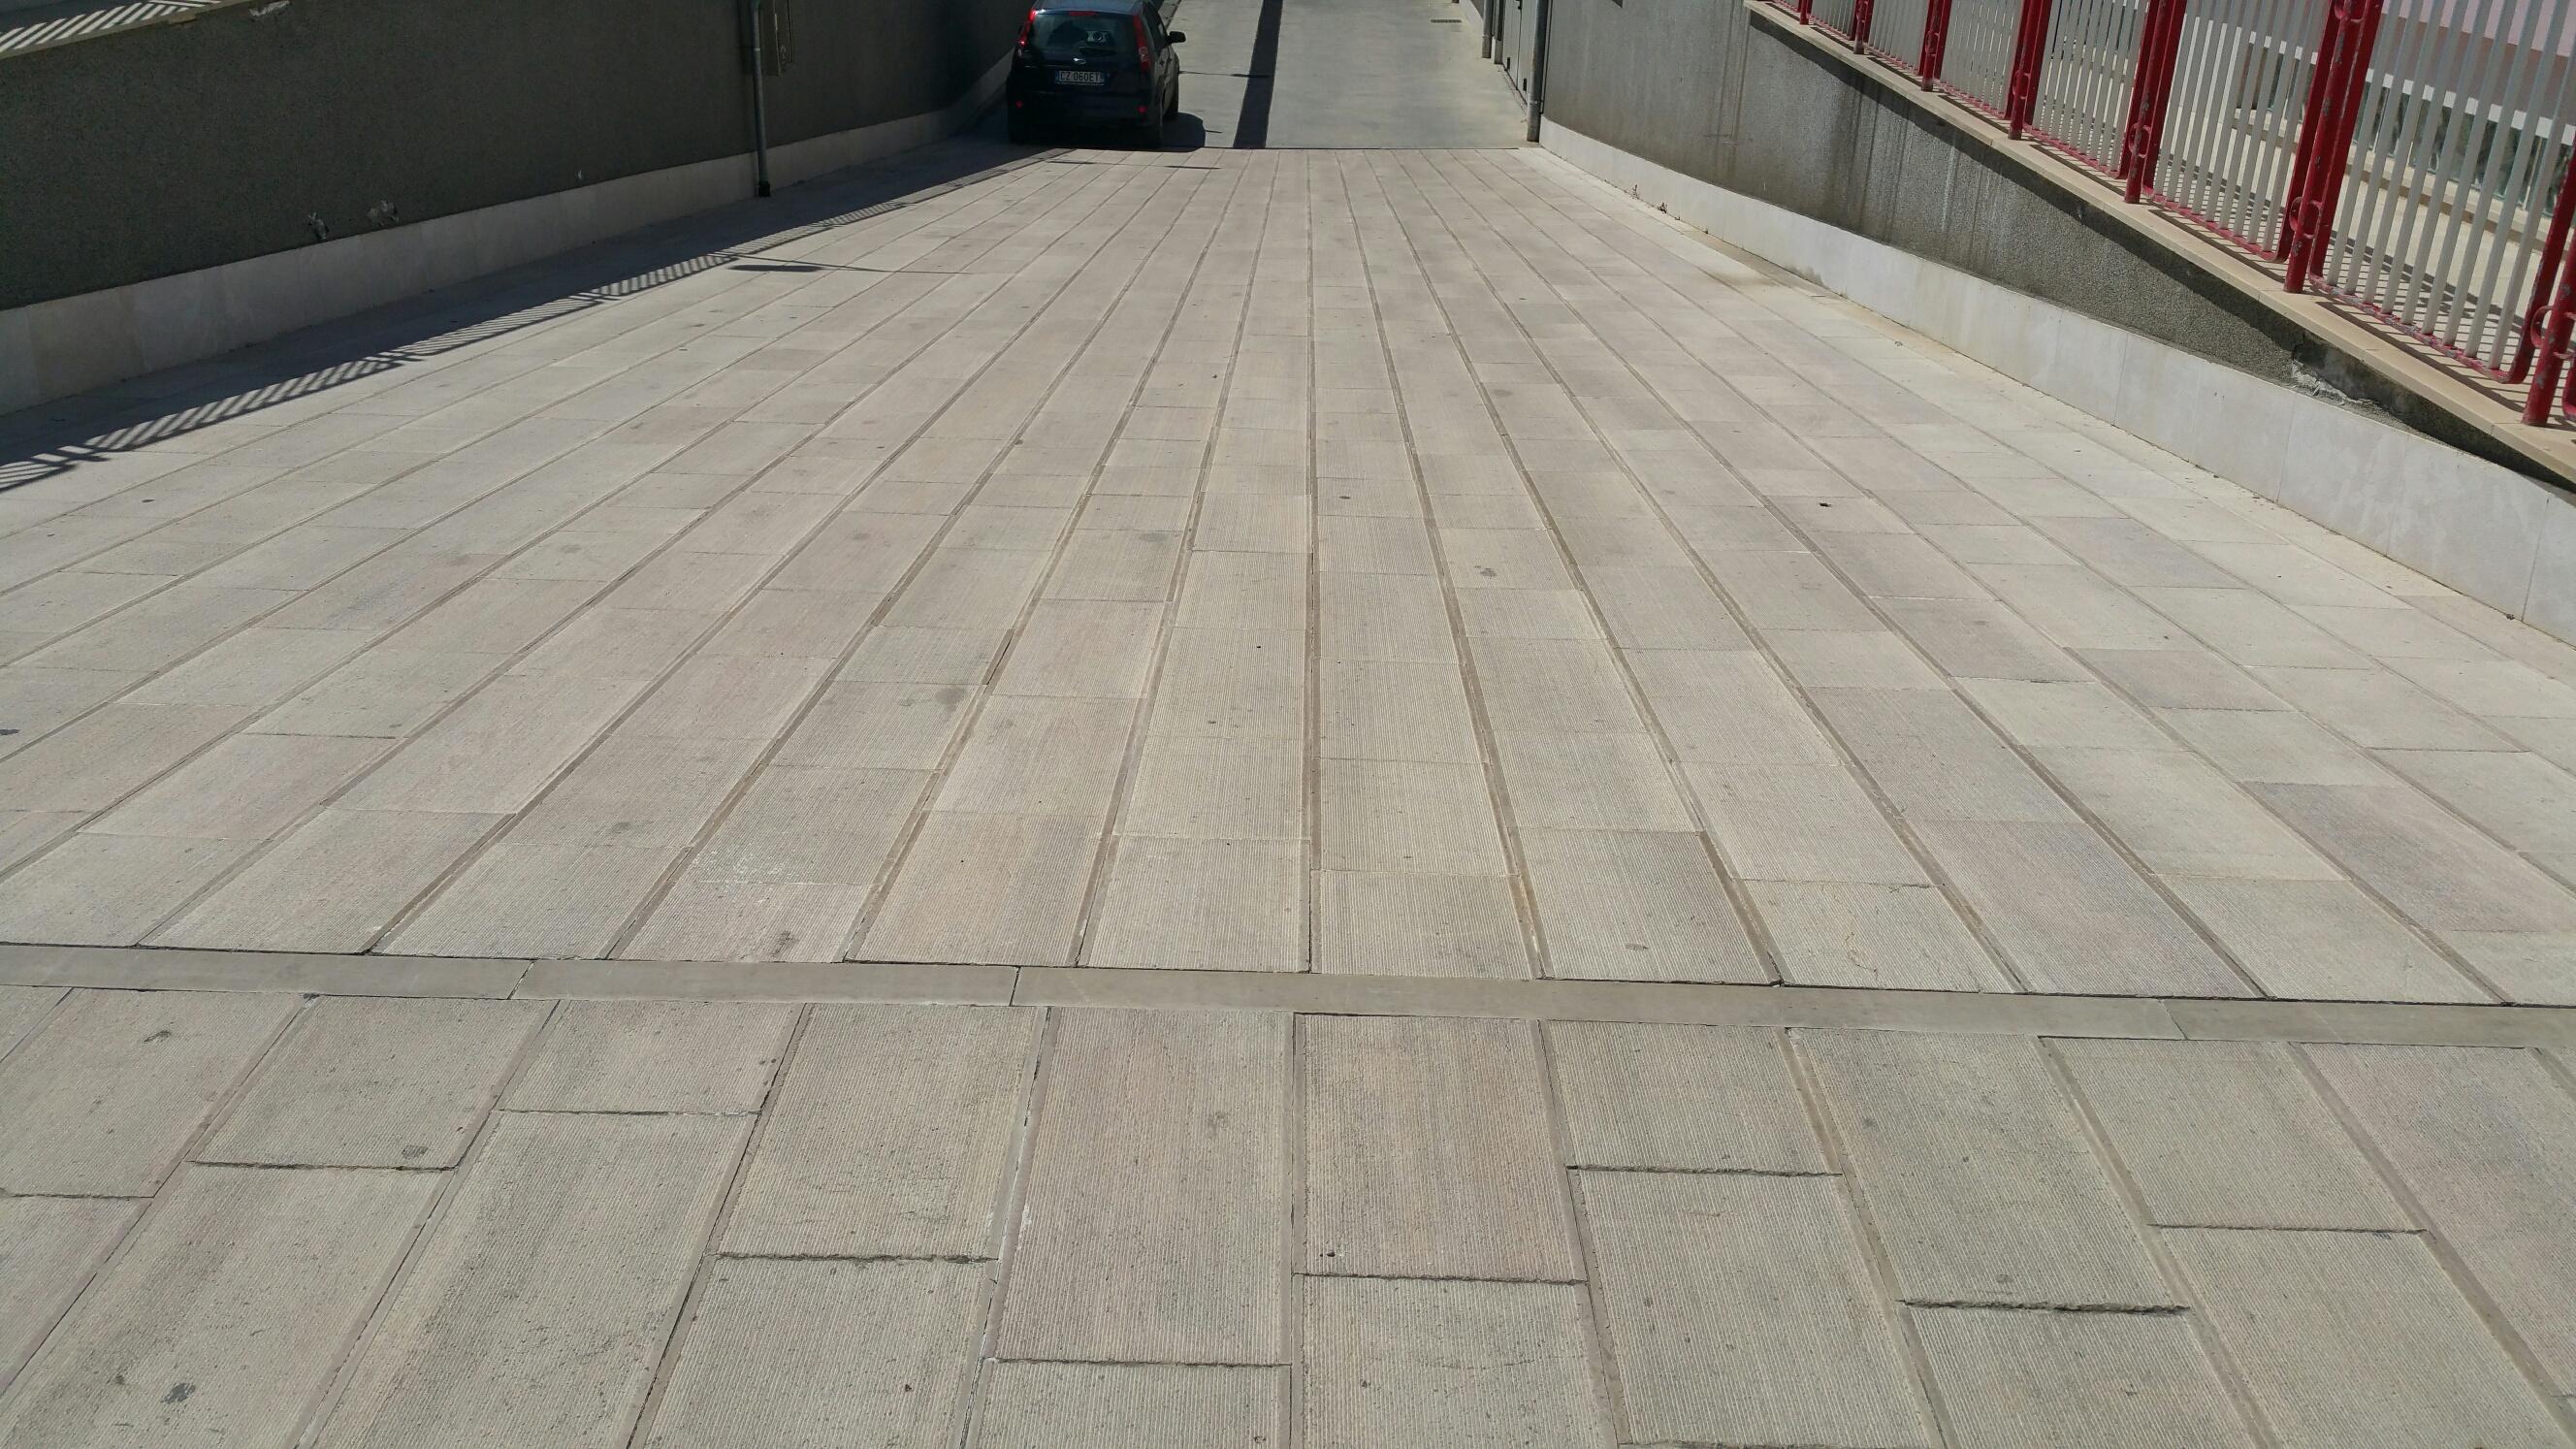 Pavimento In Pietra Di Trani : Spezialangebot pietre raffaele cileo pietra di trani marmi